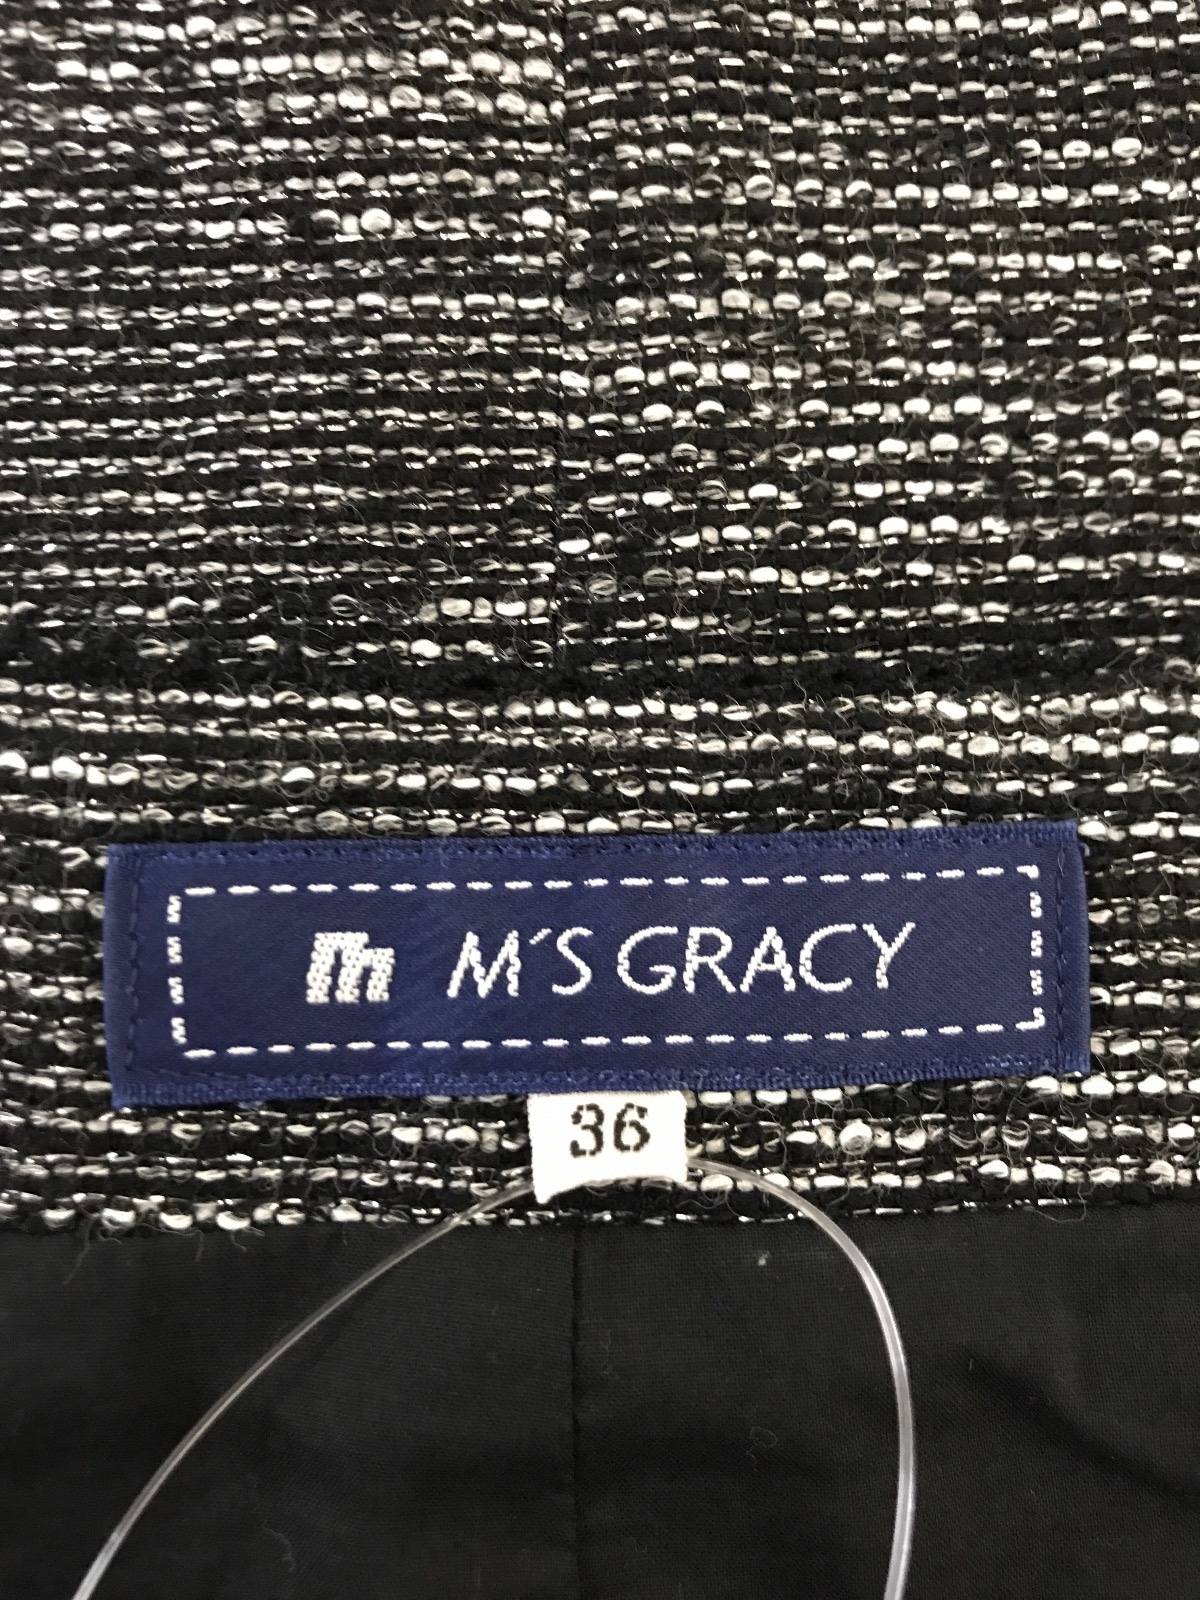 M'S GRACY(エムズグレイシー)のワンピース